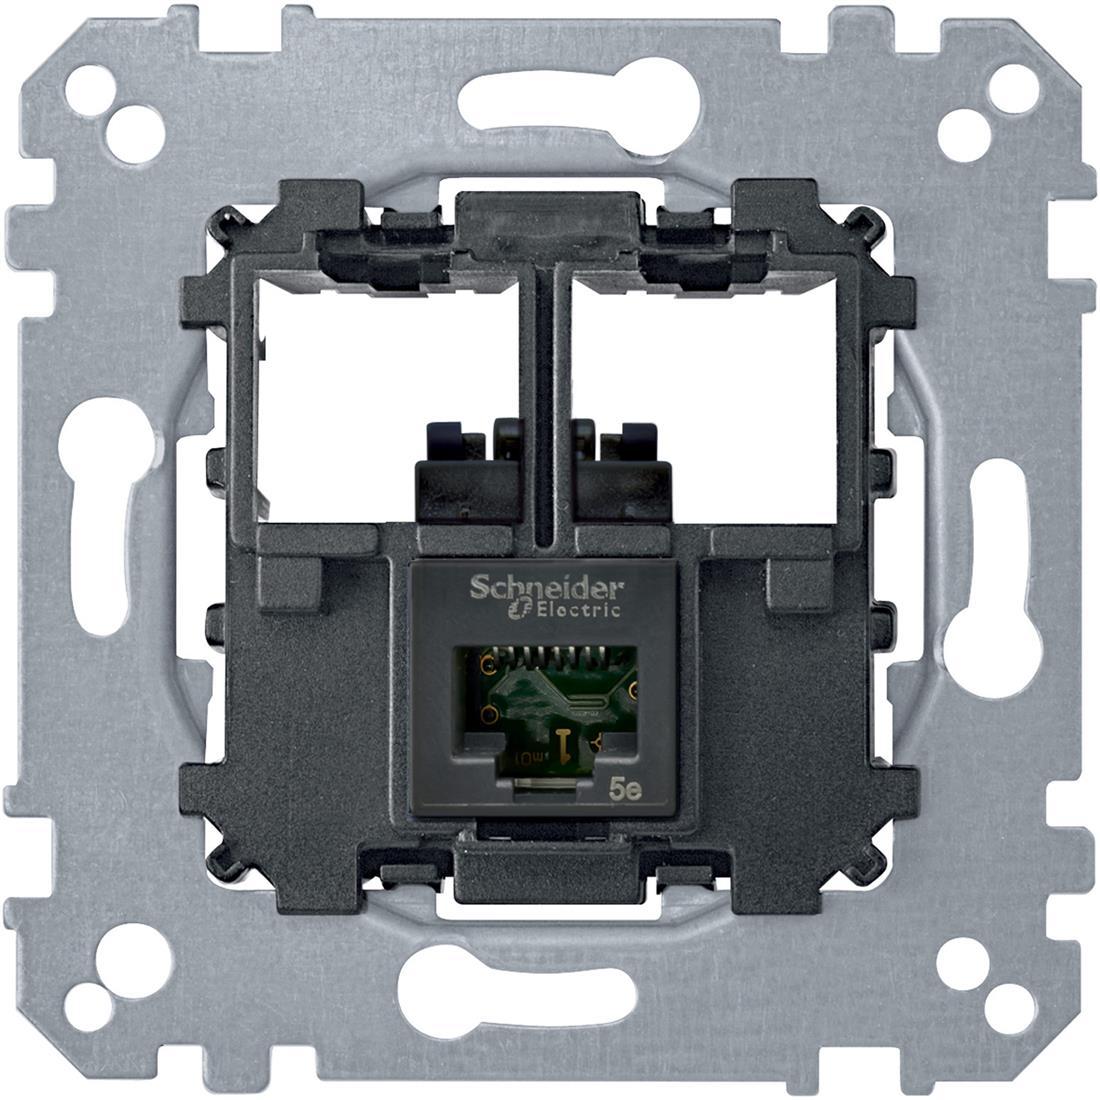 Schneider-Merten draagplaat 1-voudig voor UTP RJ45 cat 6 (MTN4576-0001)